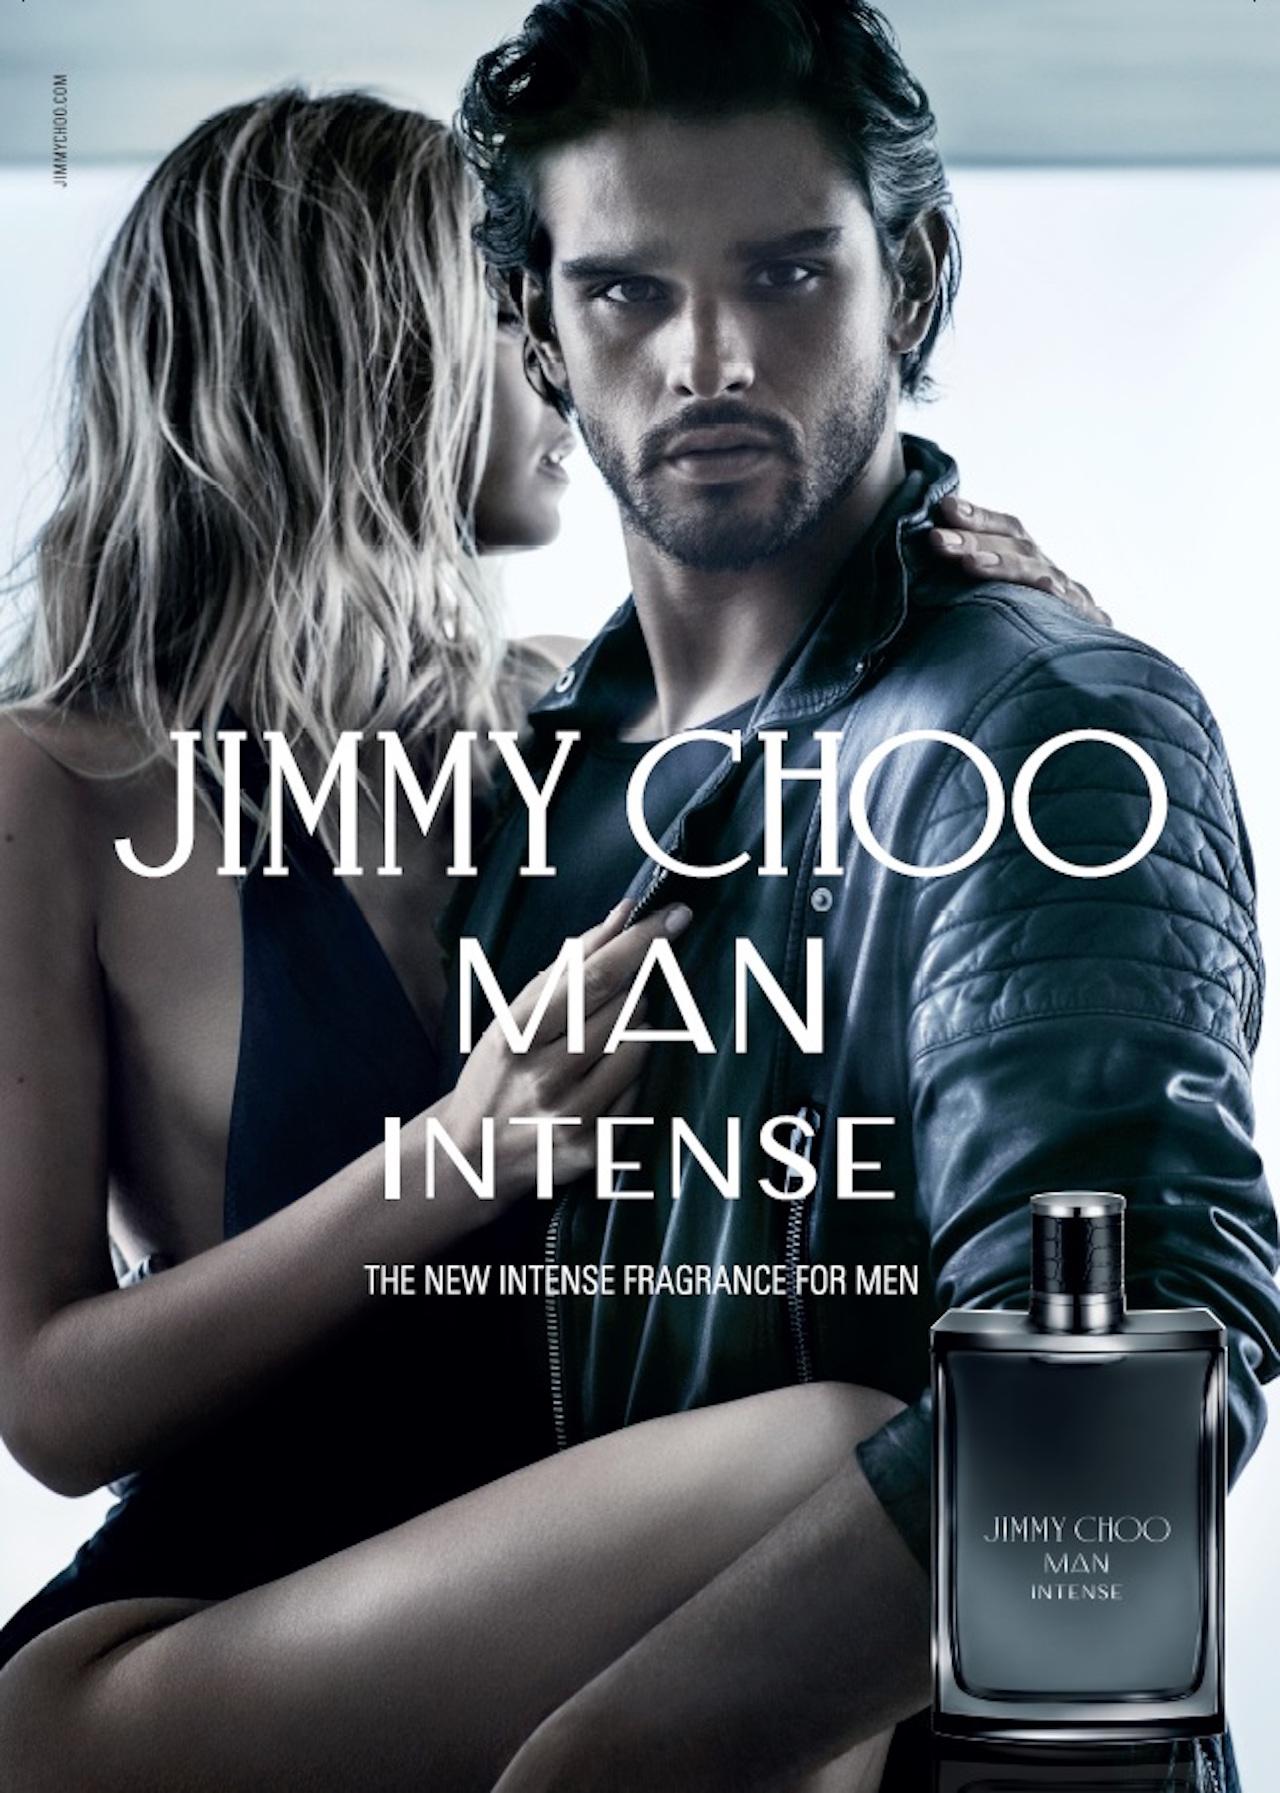 Jimmy Choo Man Intense Jimmy Choo cologne - een geur voor heren 2016